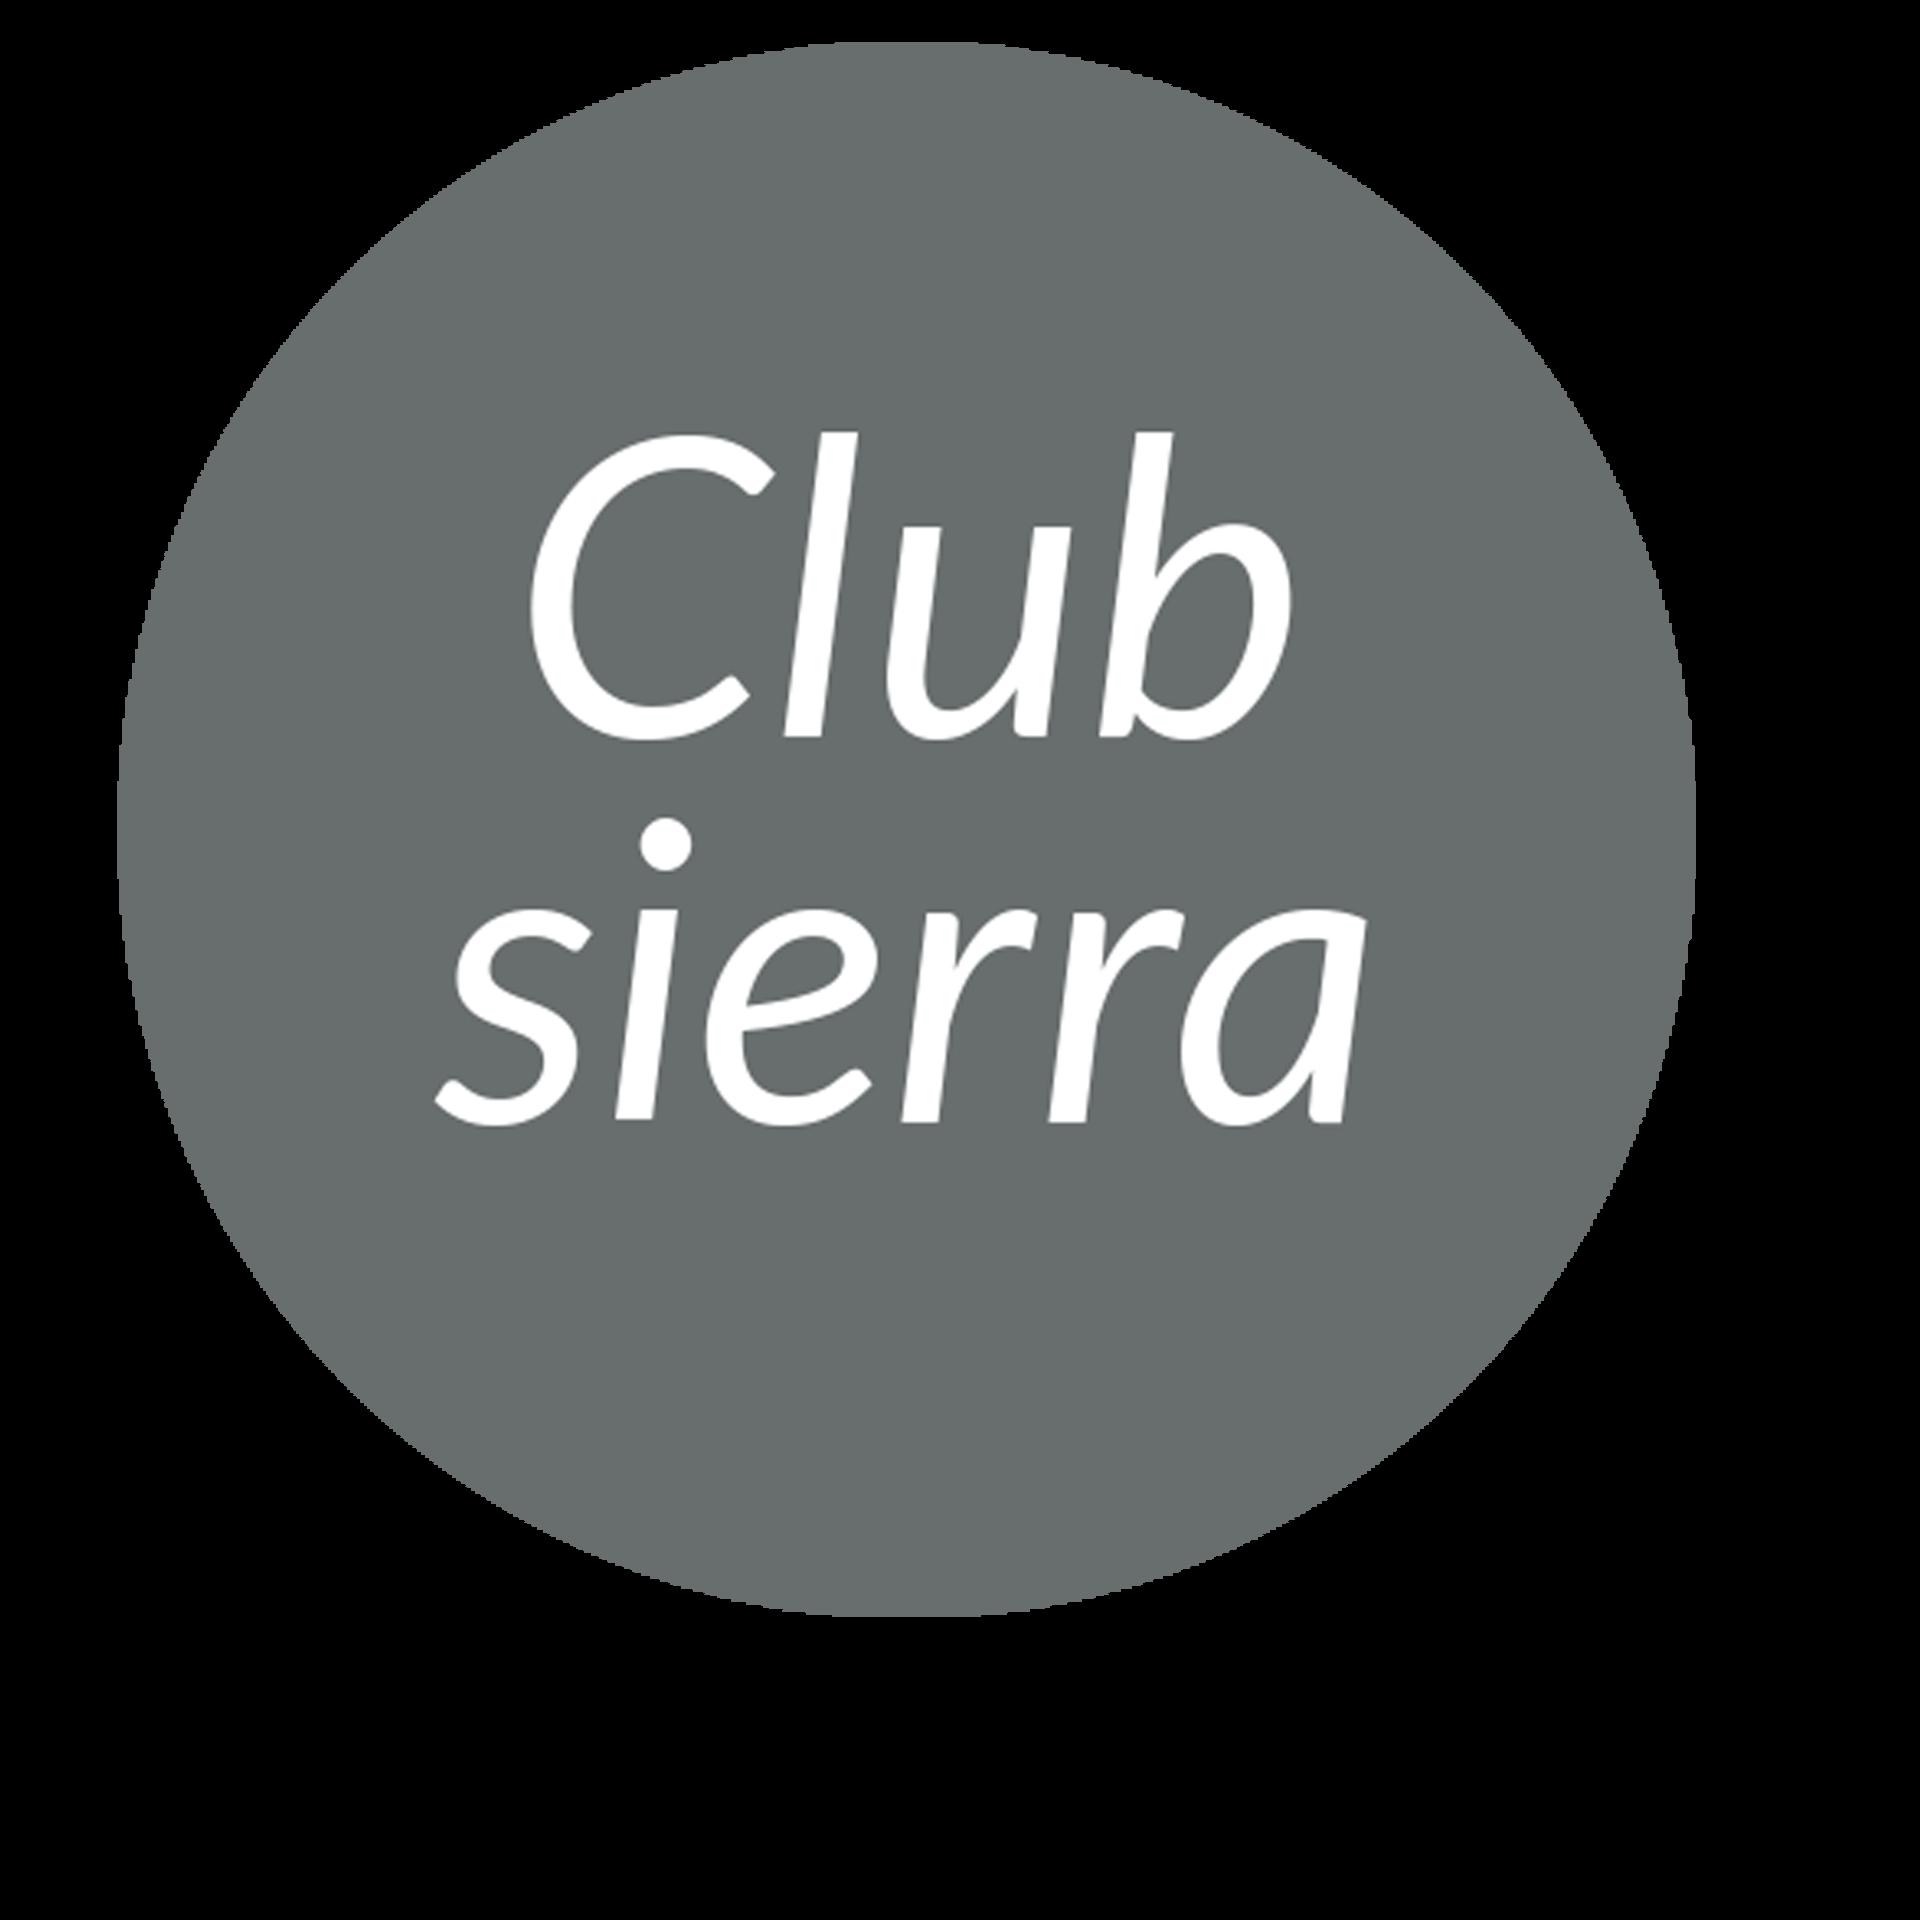 Club Sierra